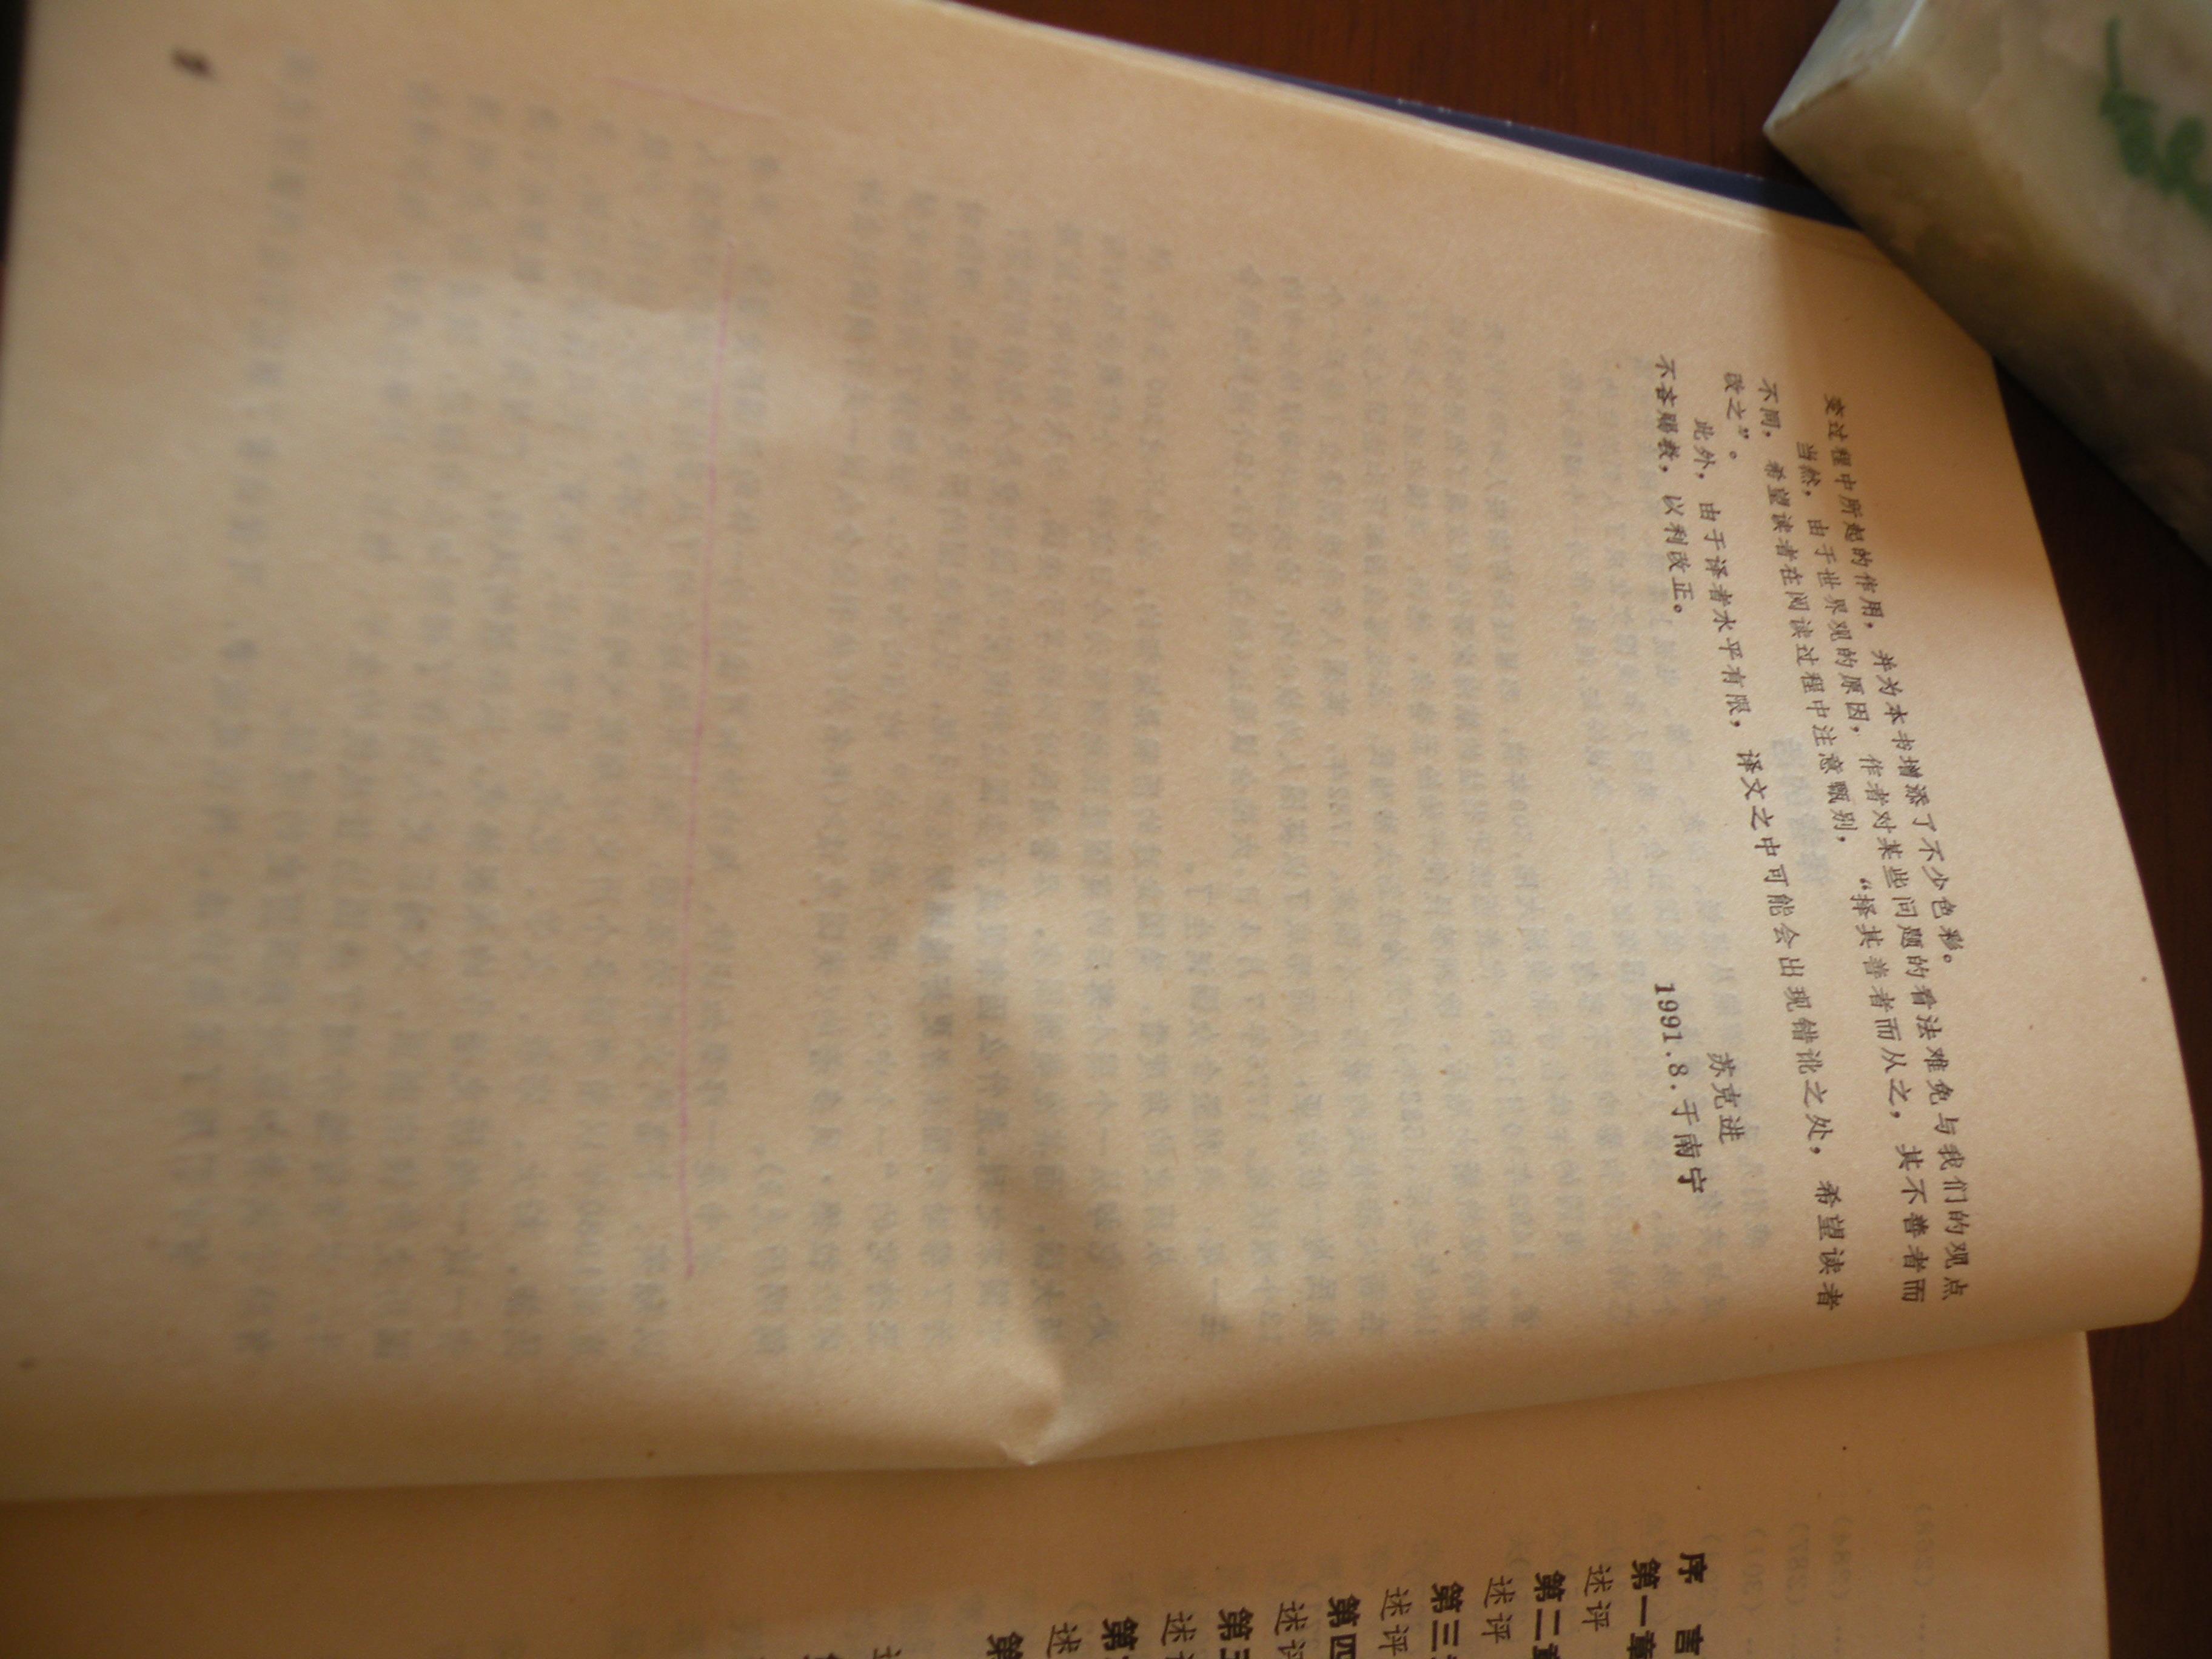 DSCN8460.JPG